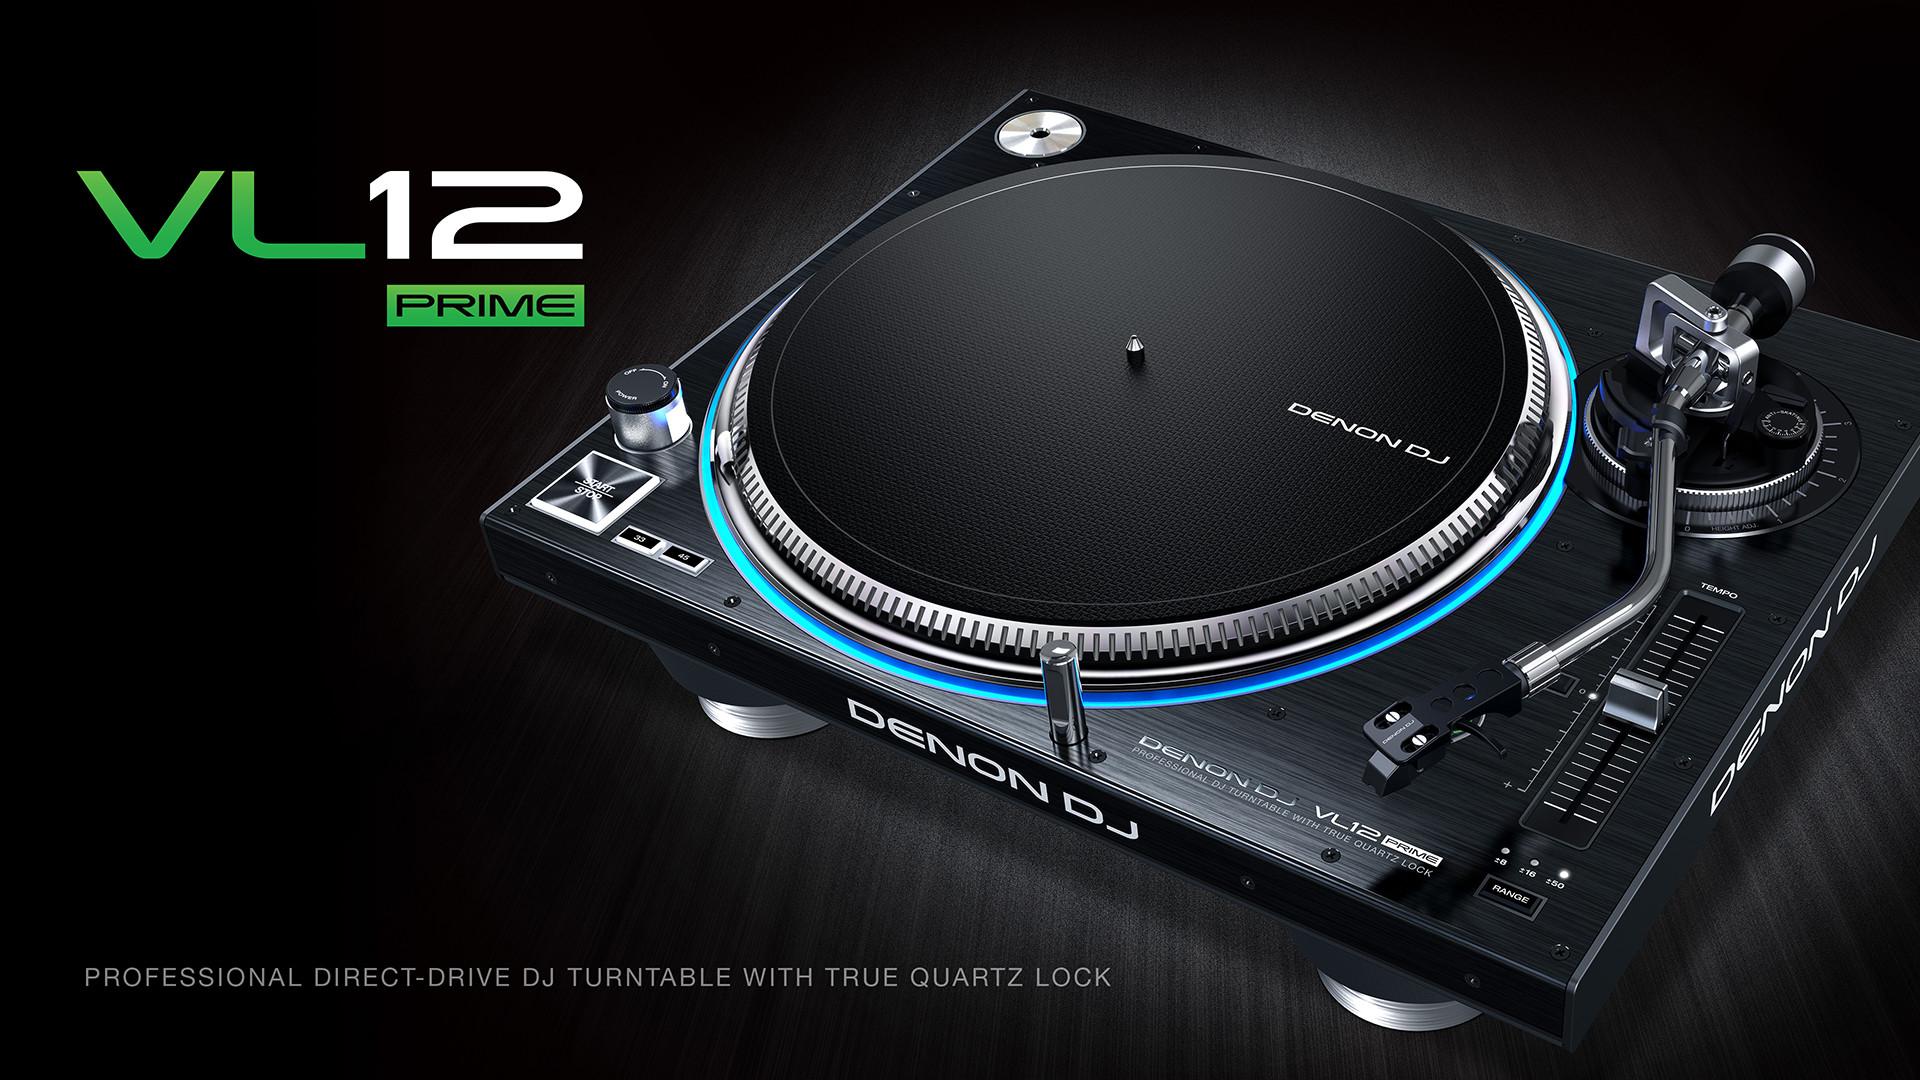 Res: 1920x1080, Denon DJ VL12 Prime